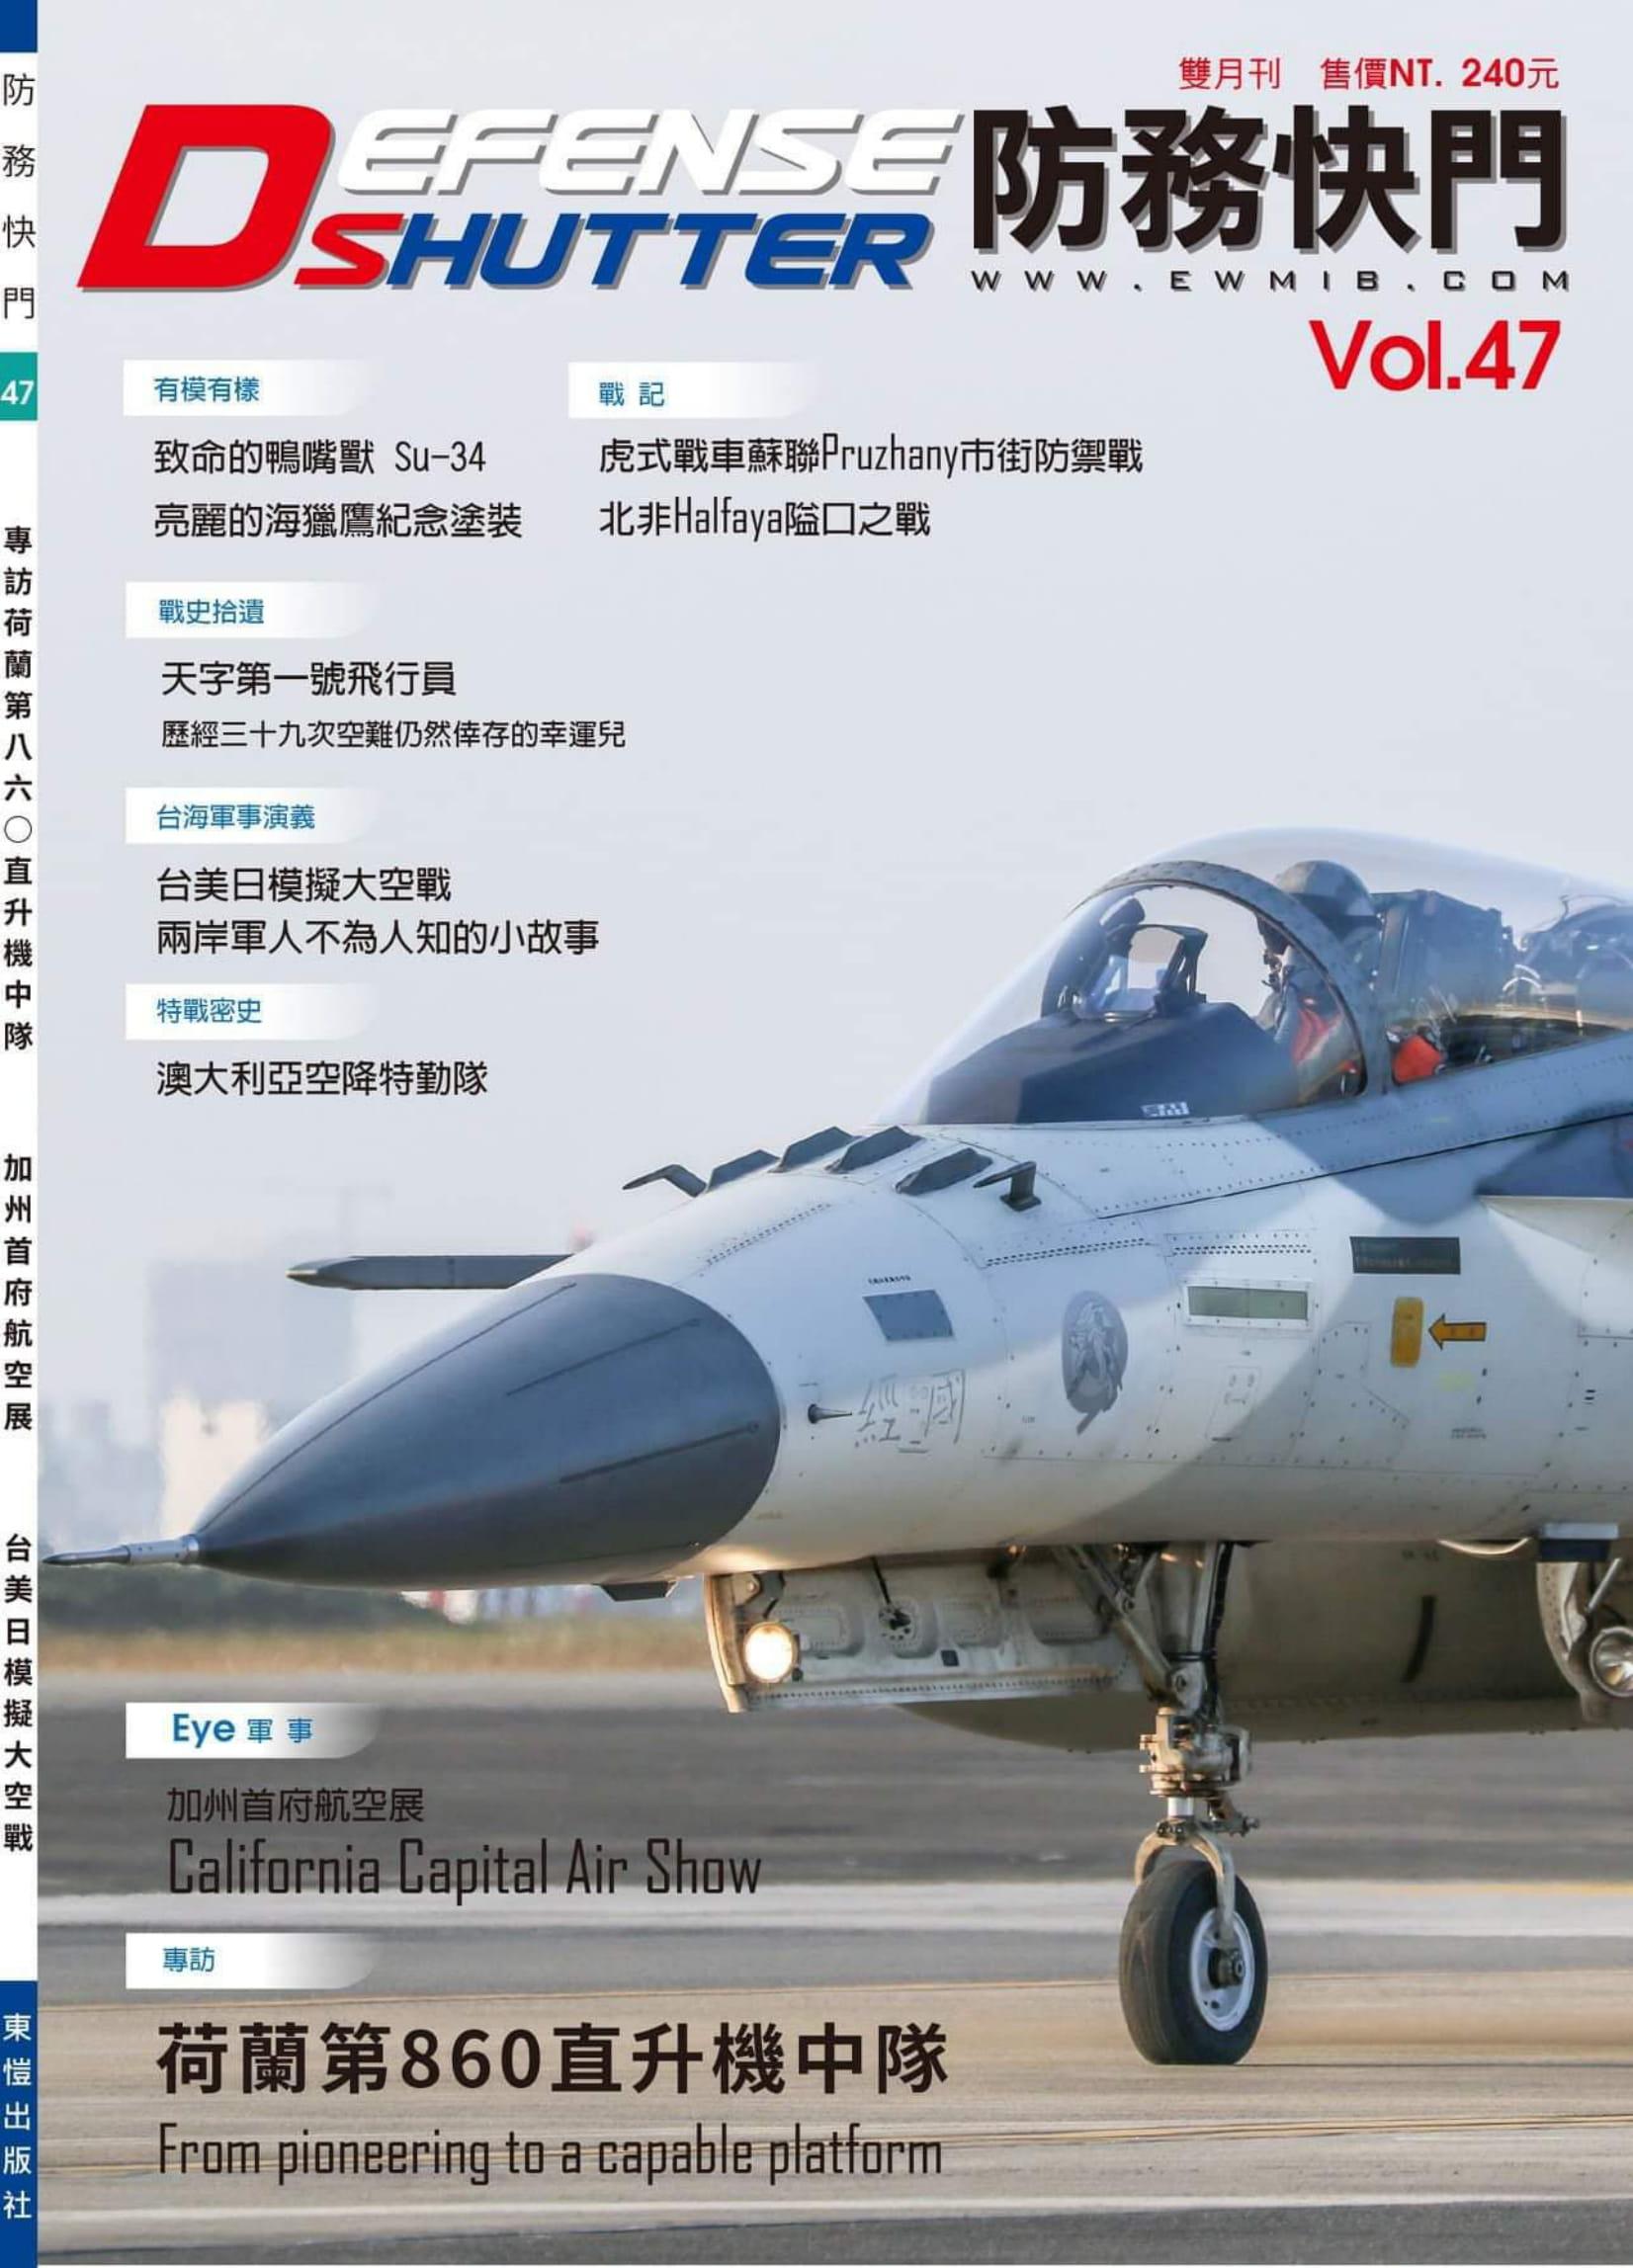 Defense Shutter Nr. 47 (Taiwan)_Dutch NH90s-01